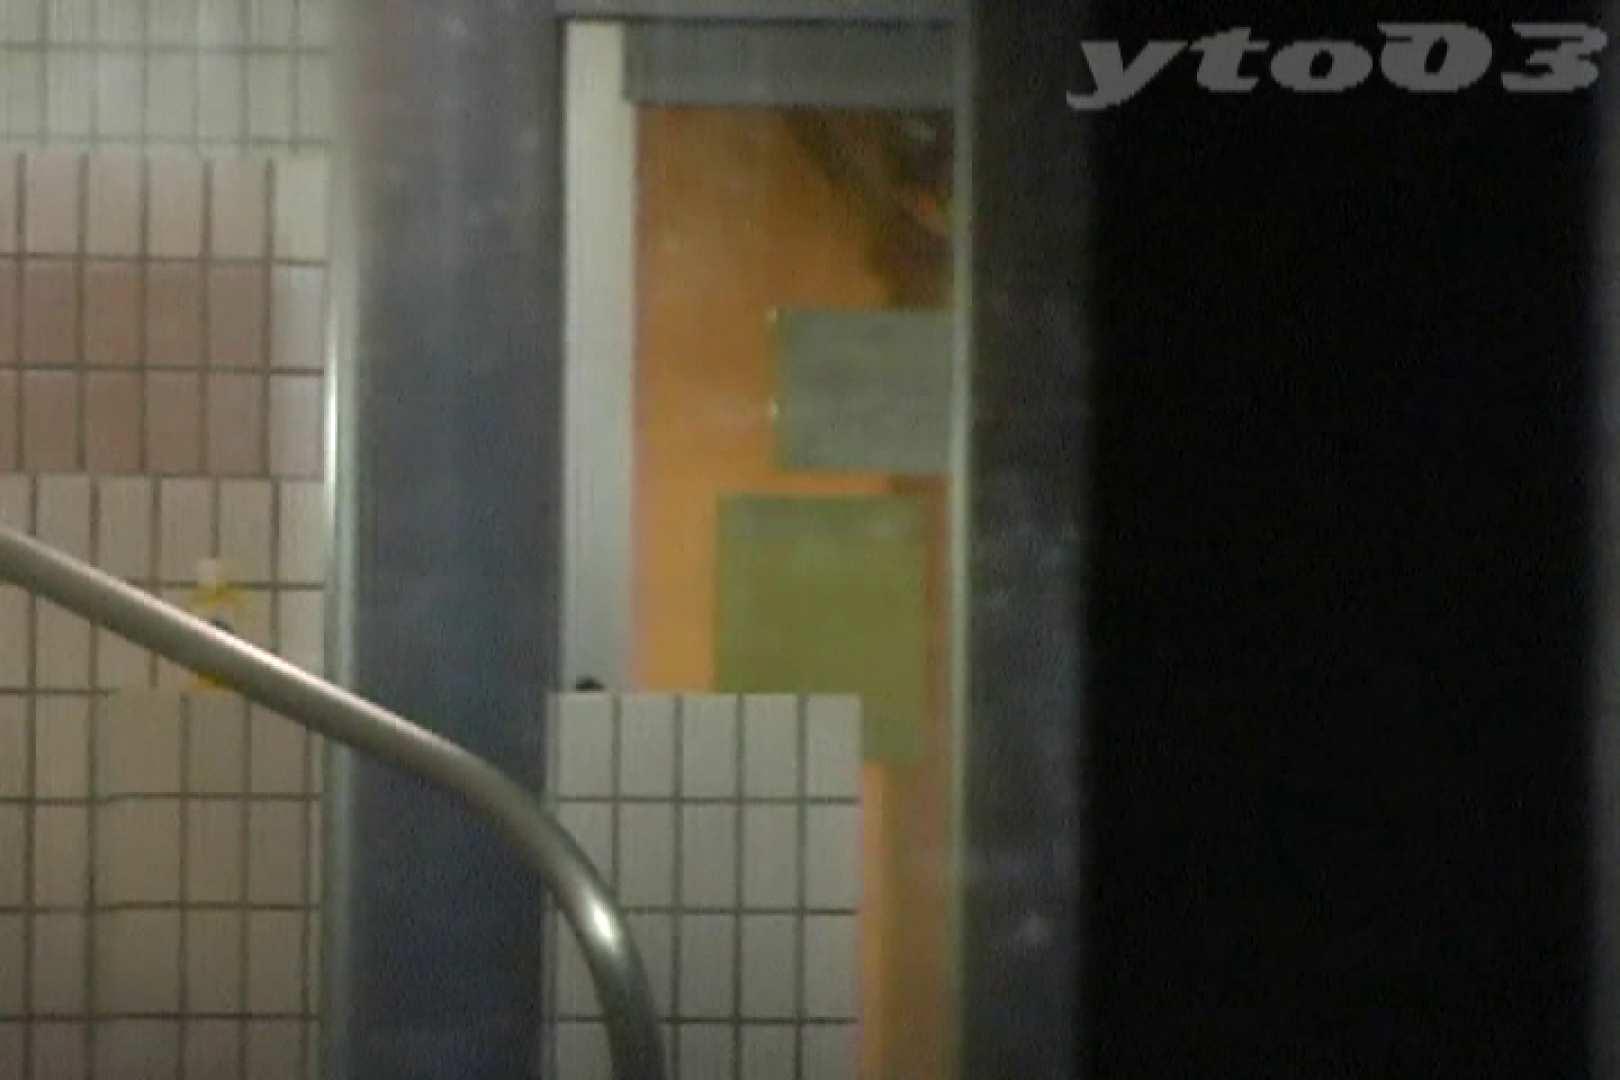 ▲復活限定▲合宿ホテル女風呂盗撮 Vol.17 女風呂 セックス画像 100画像 71